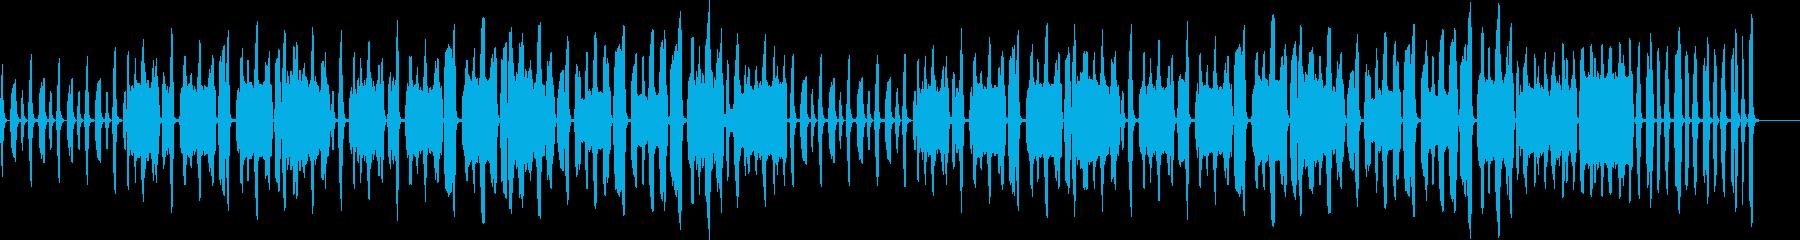 日常パート・口笛・リコーダー・説明・紹介の再生済みの波形